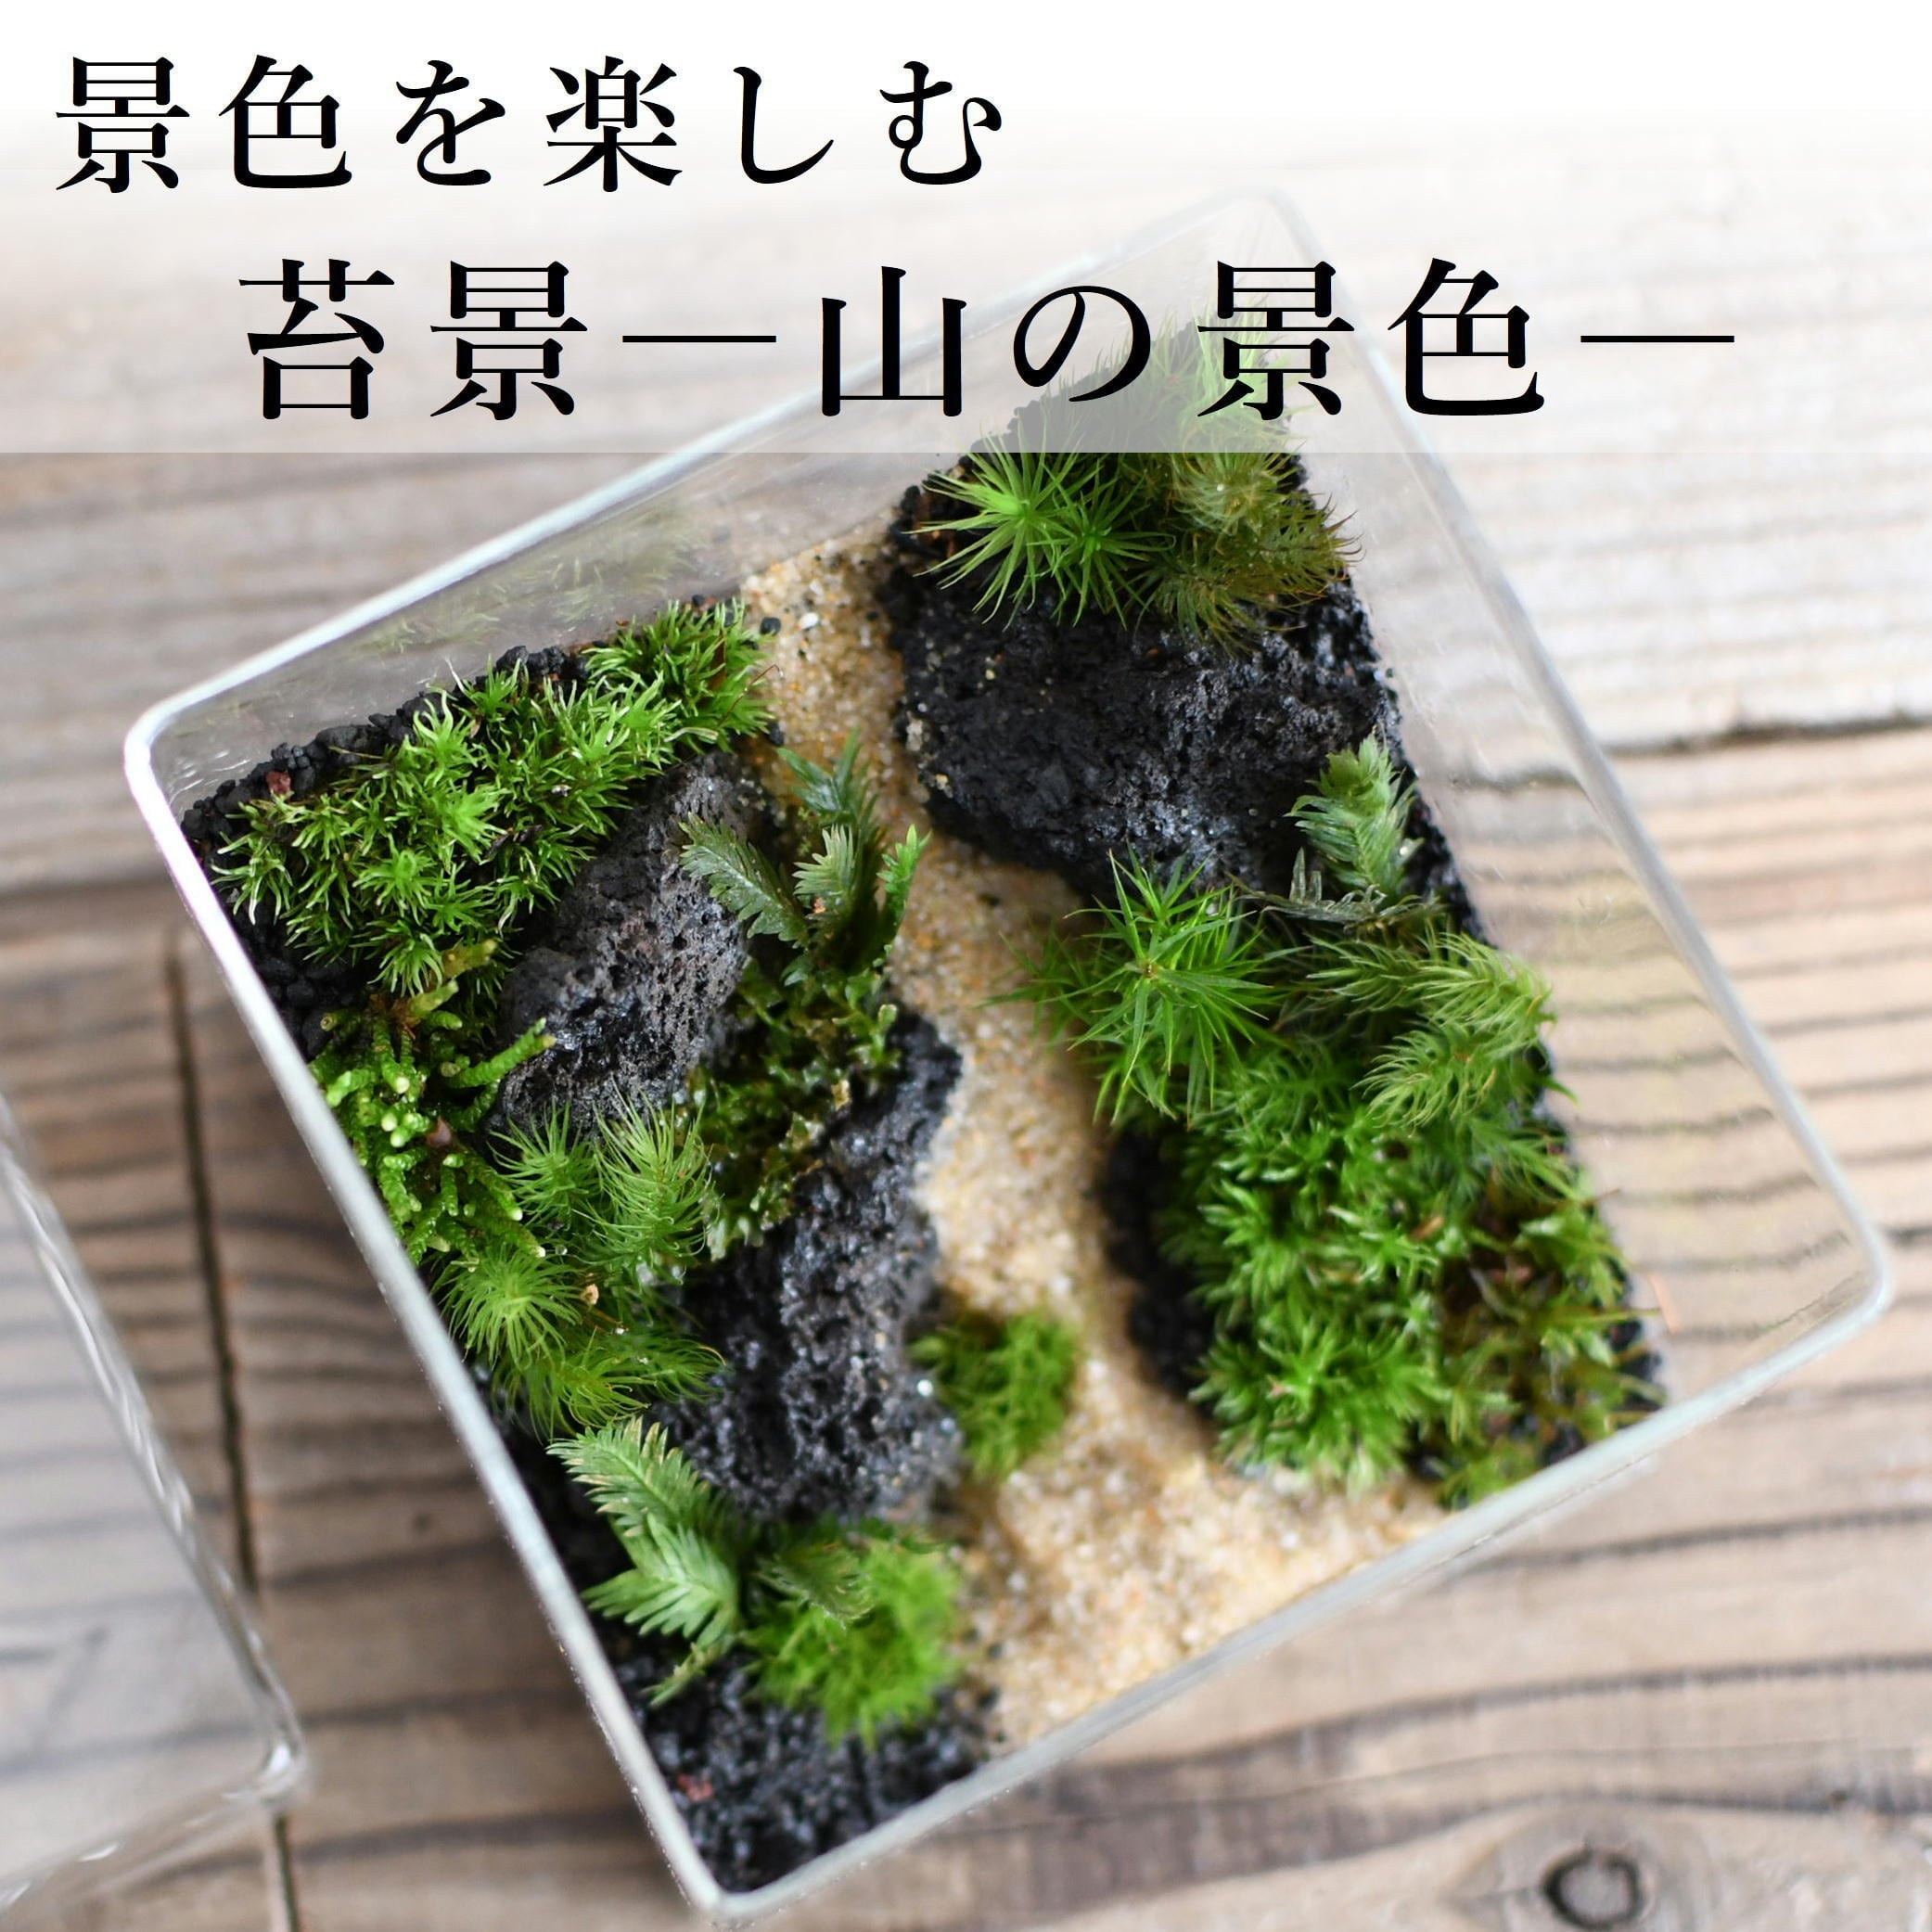 【景色を楽しむ苔テラリウム】苔景−山の景色− BOX Lsize ◆選べる2種